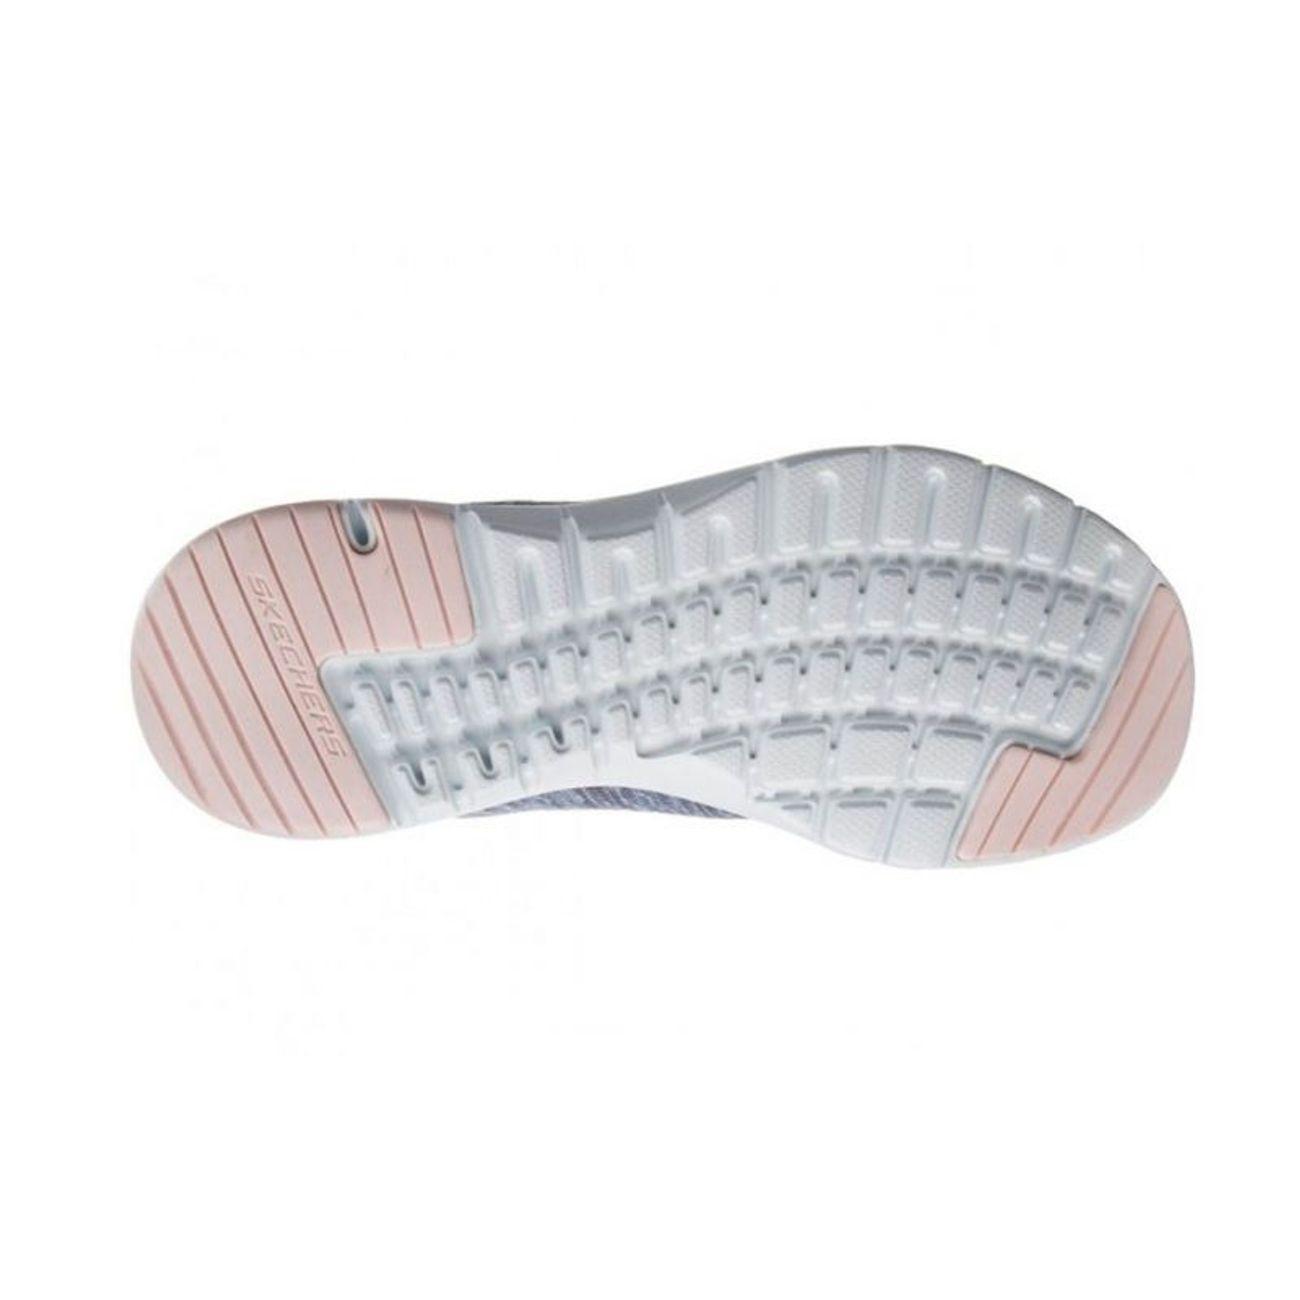 Skechers Flex Gris 3 0 Padel Appeal Femme Rose Adulte Sltp 3Aj54RL